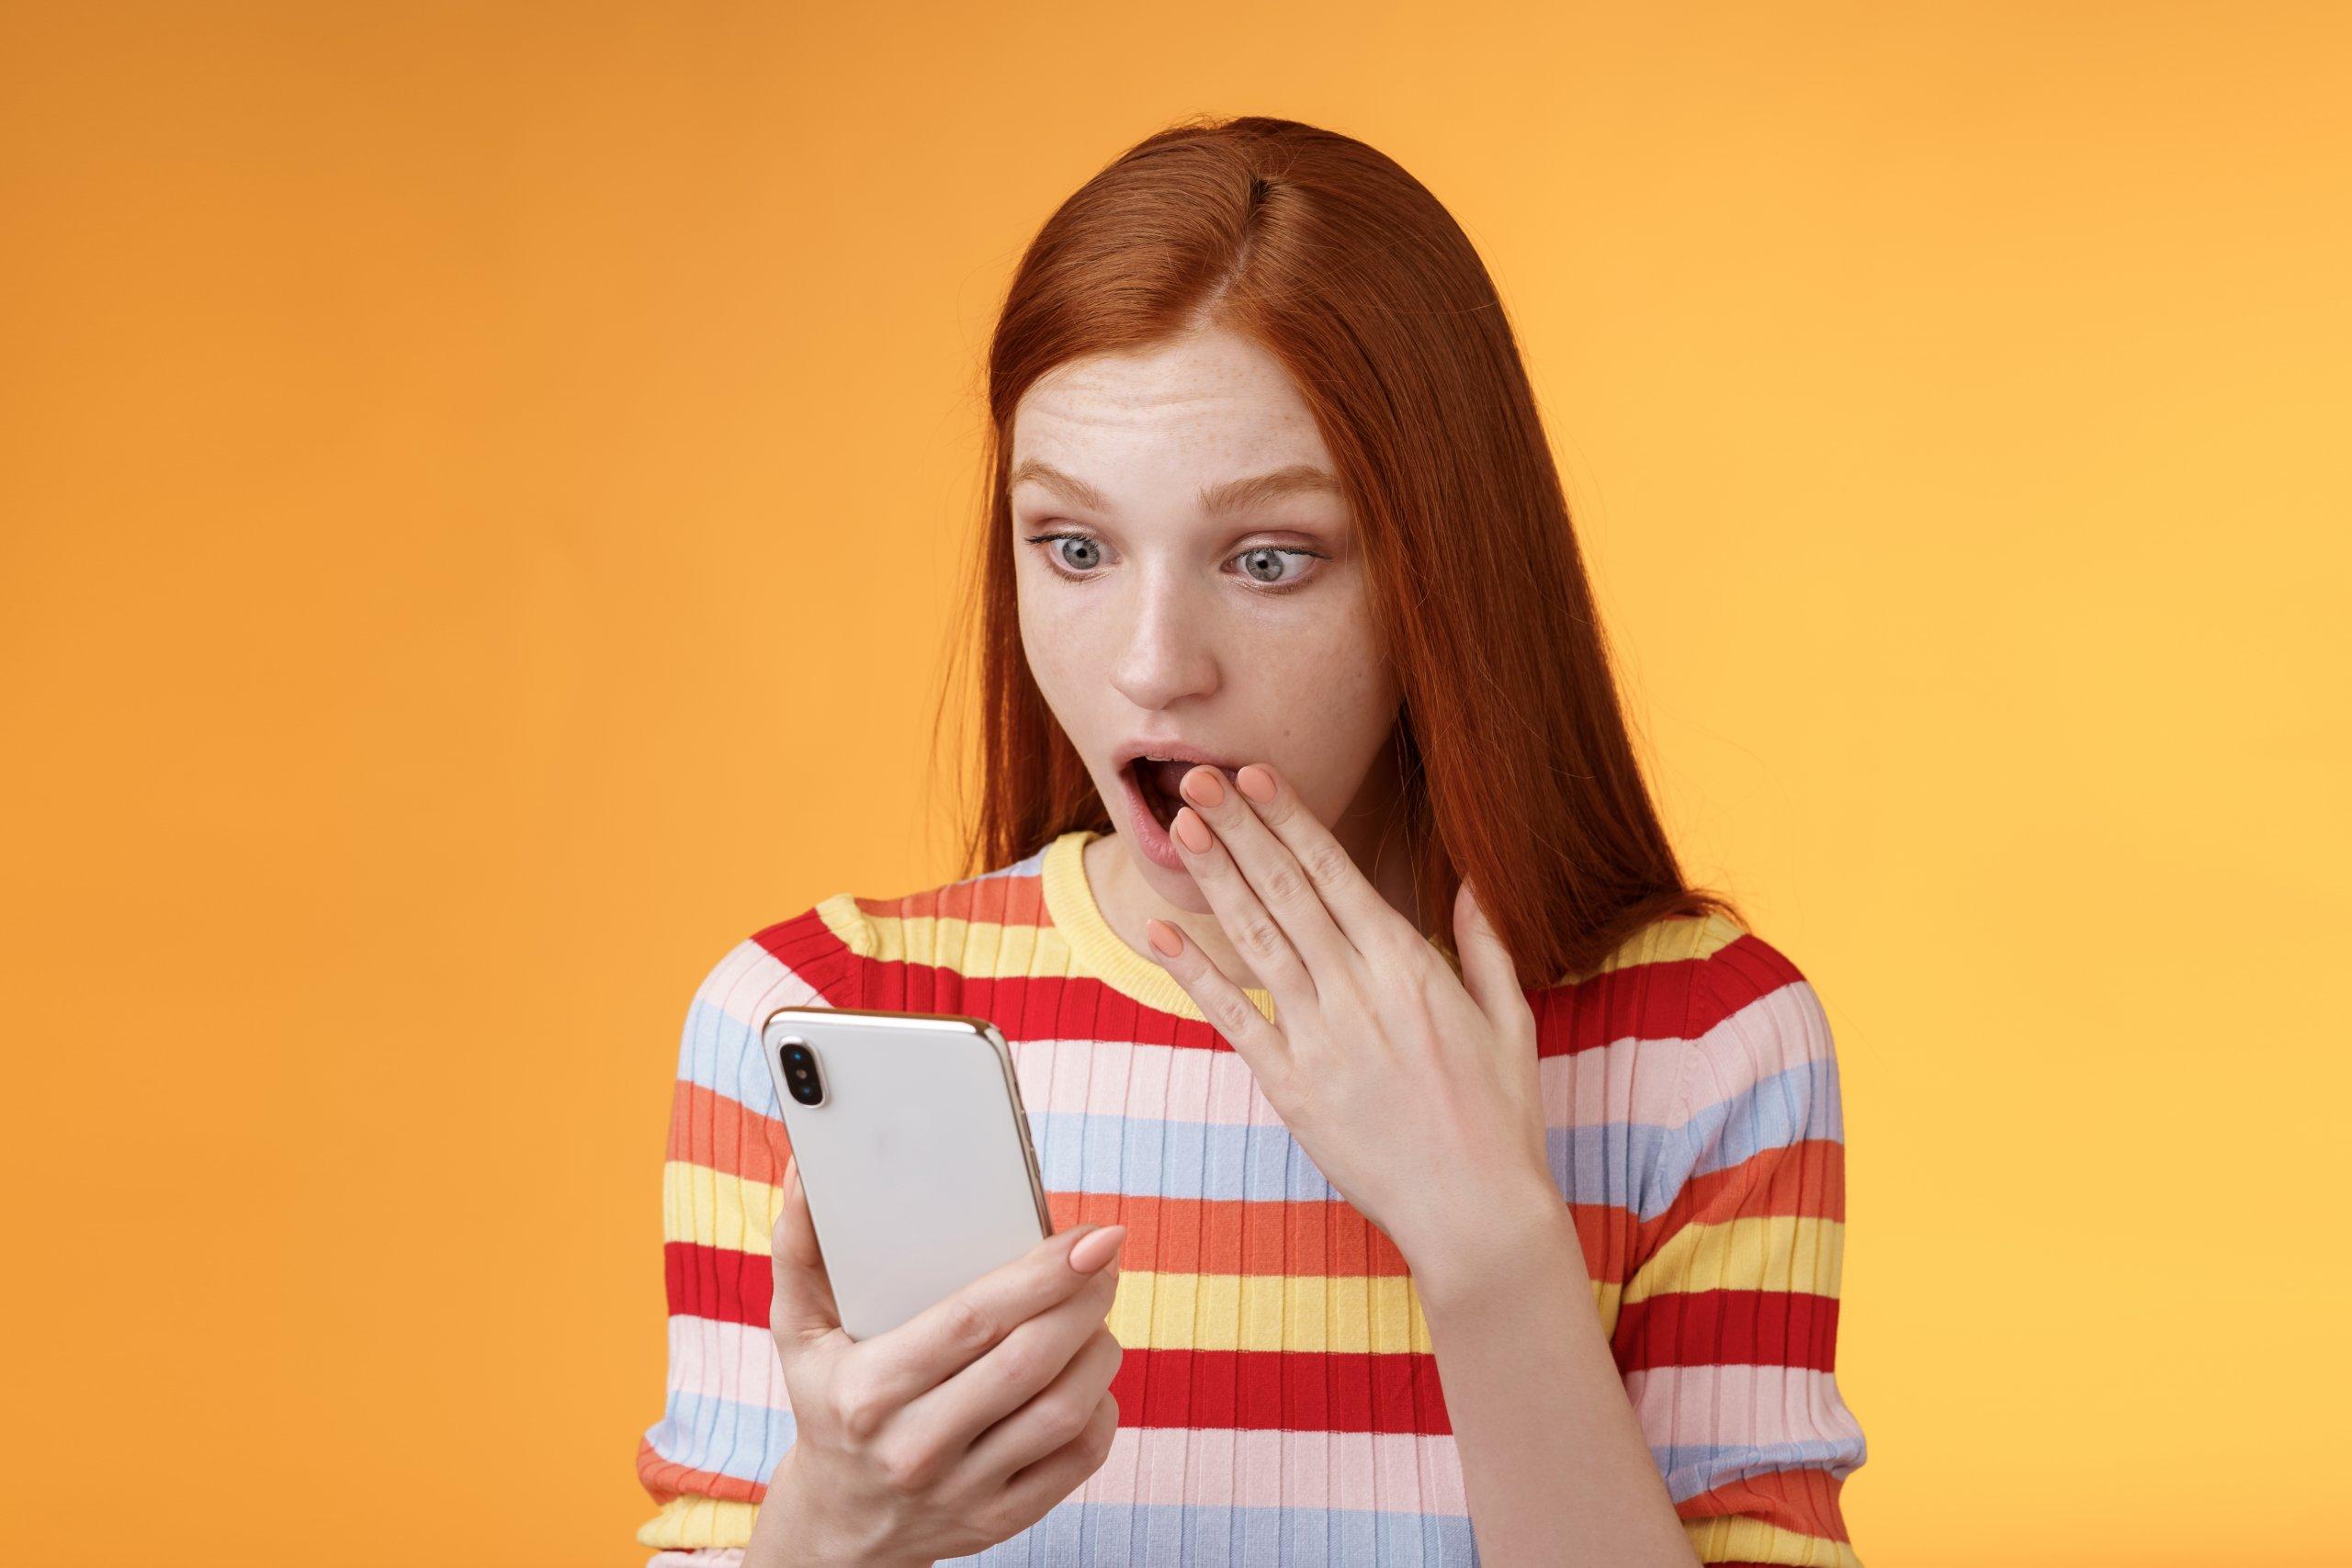 7 meilleures techniques secrètes pour améliorer votre marketing numérique